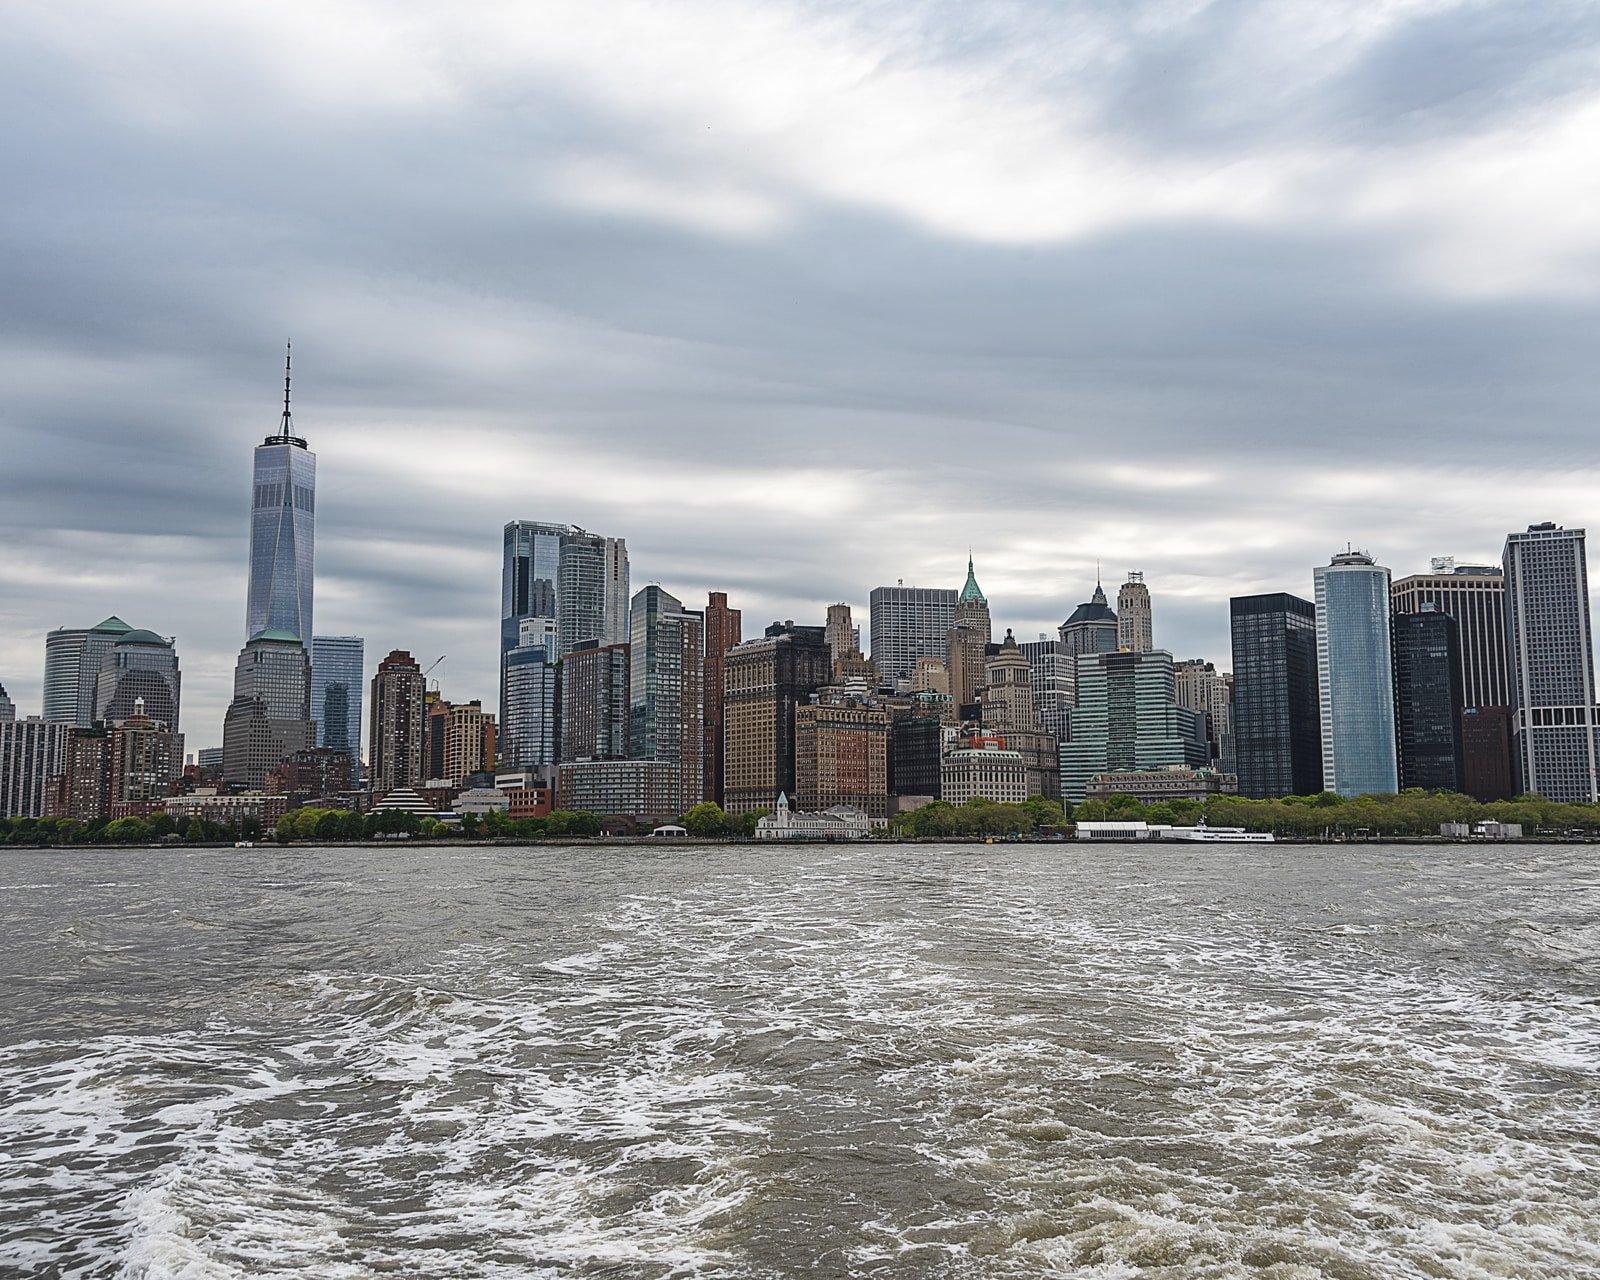 Bulls Head Staten Island, NY Private Investigator